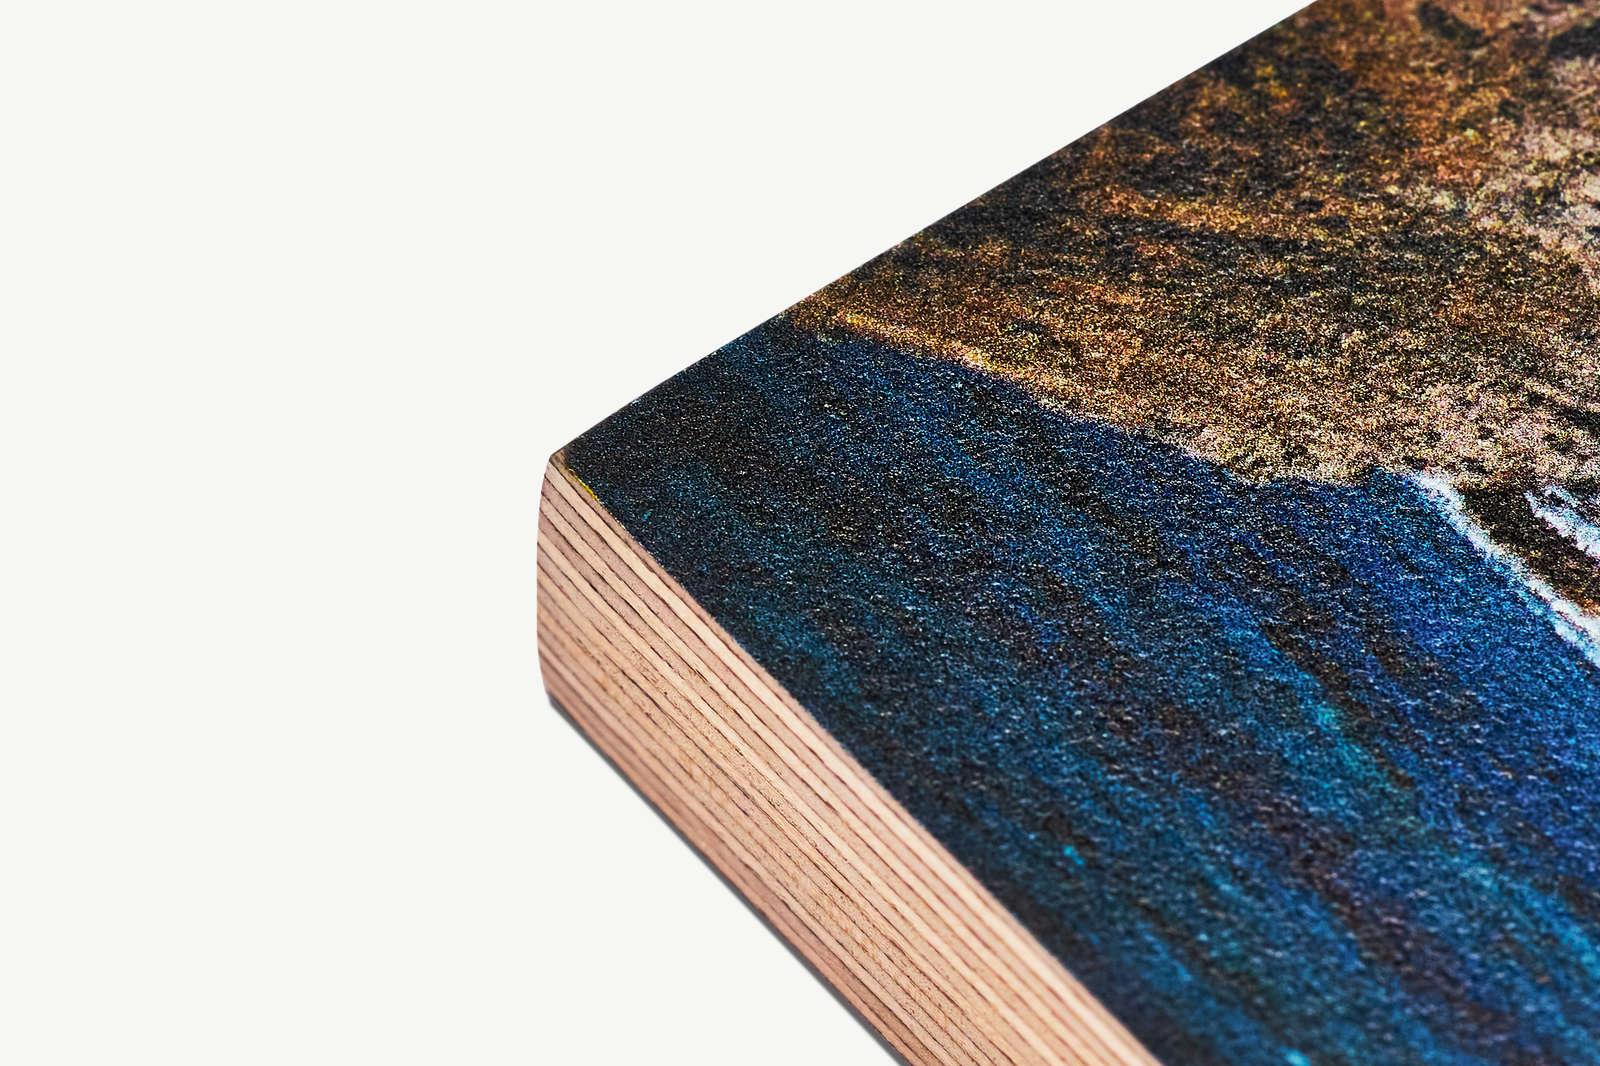 Oberfläche und Kante 21mm Multiplex Birke